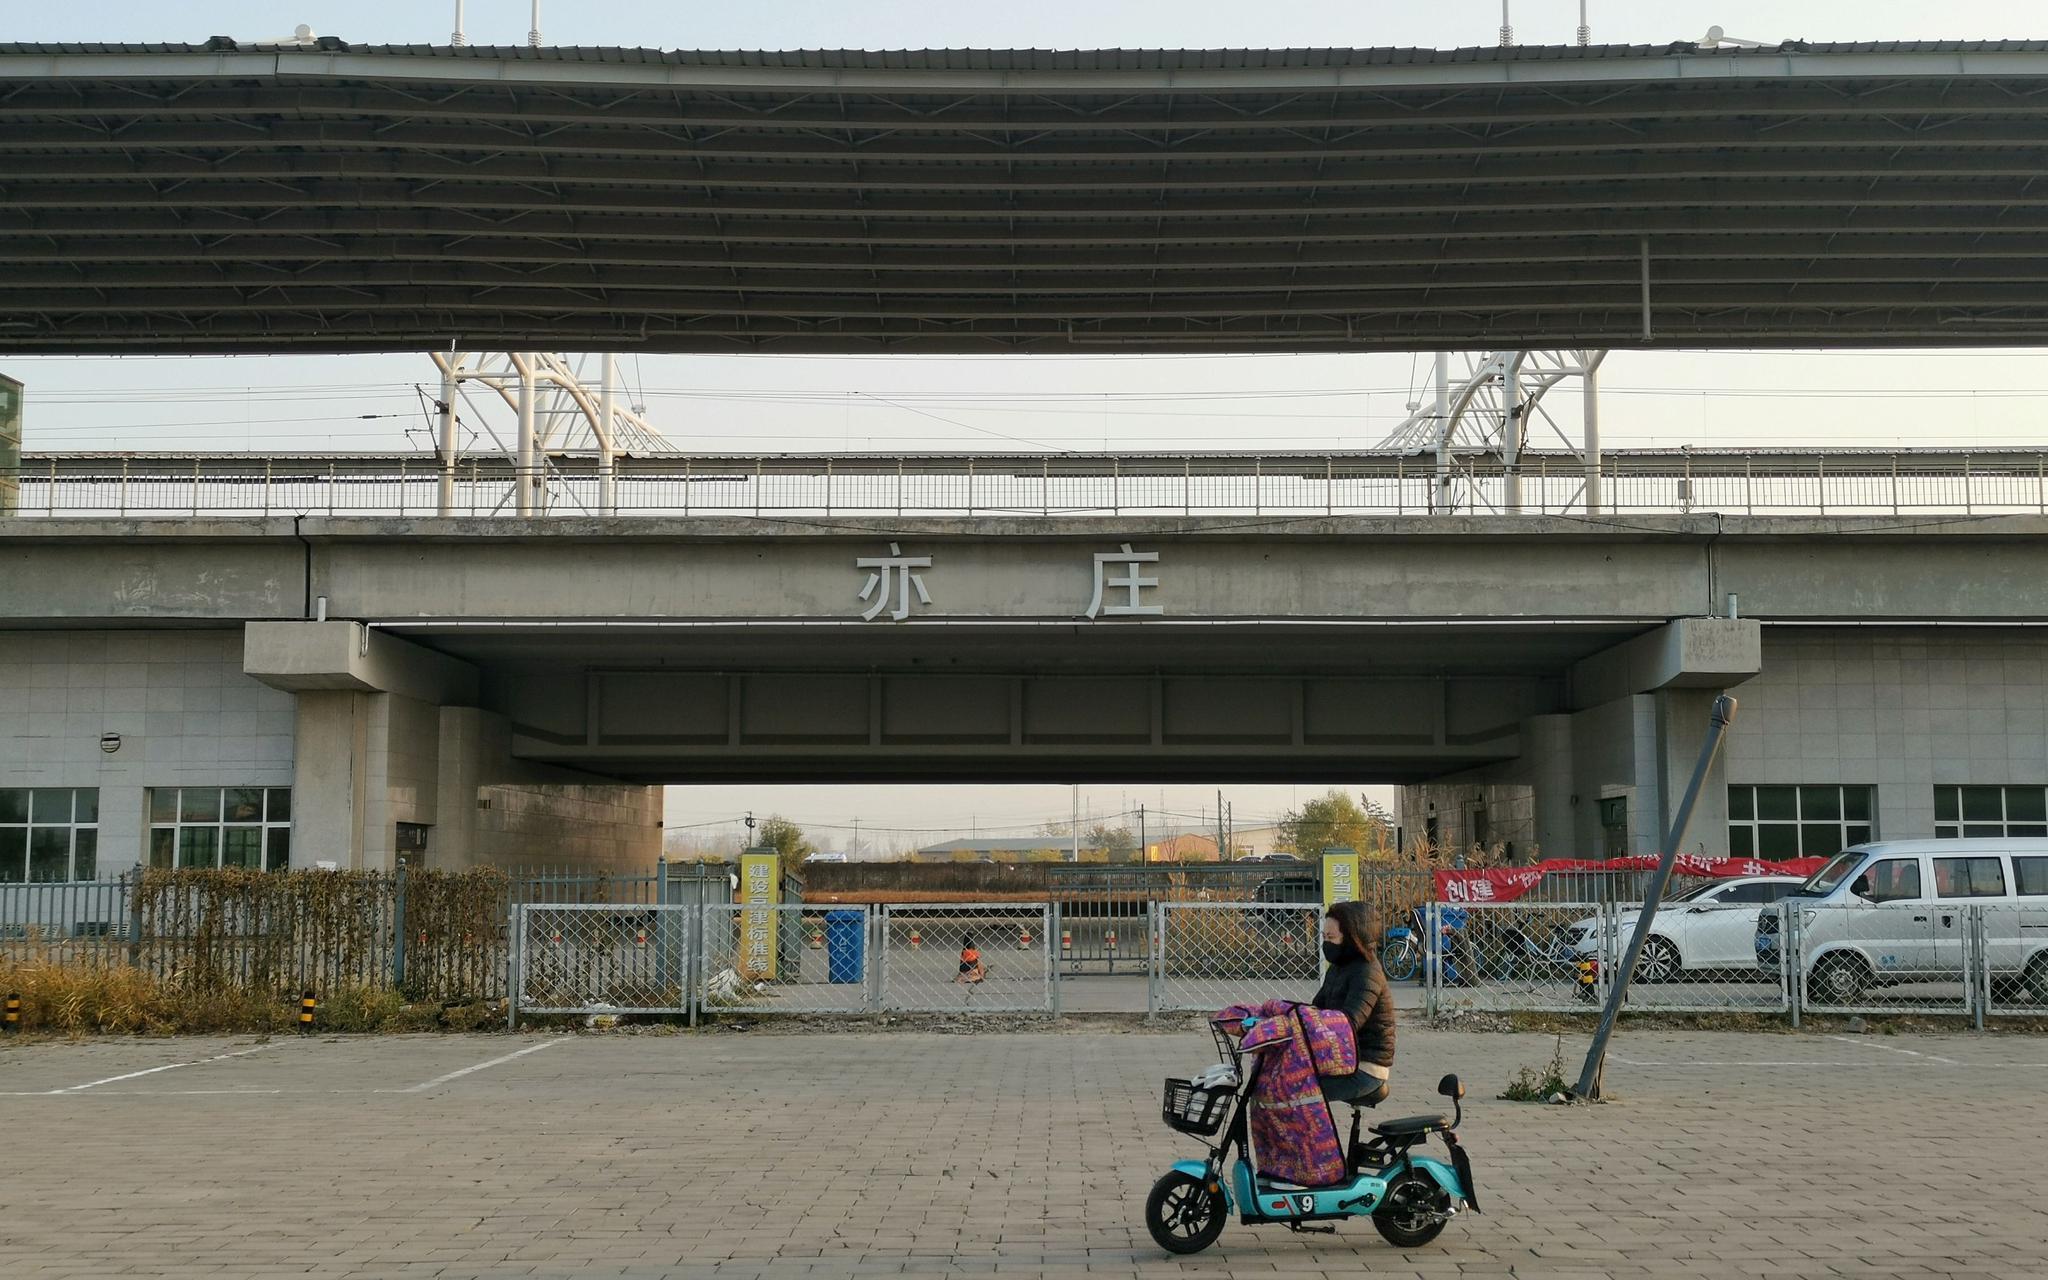 vwin德赢网投平台|刘永好看上的胶囊胃镜公司,能否科创板闯关成功?